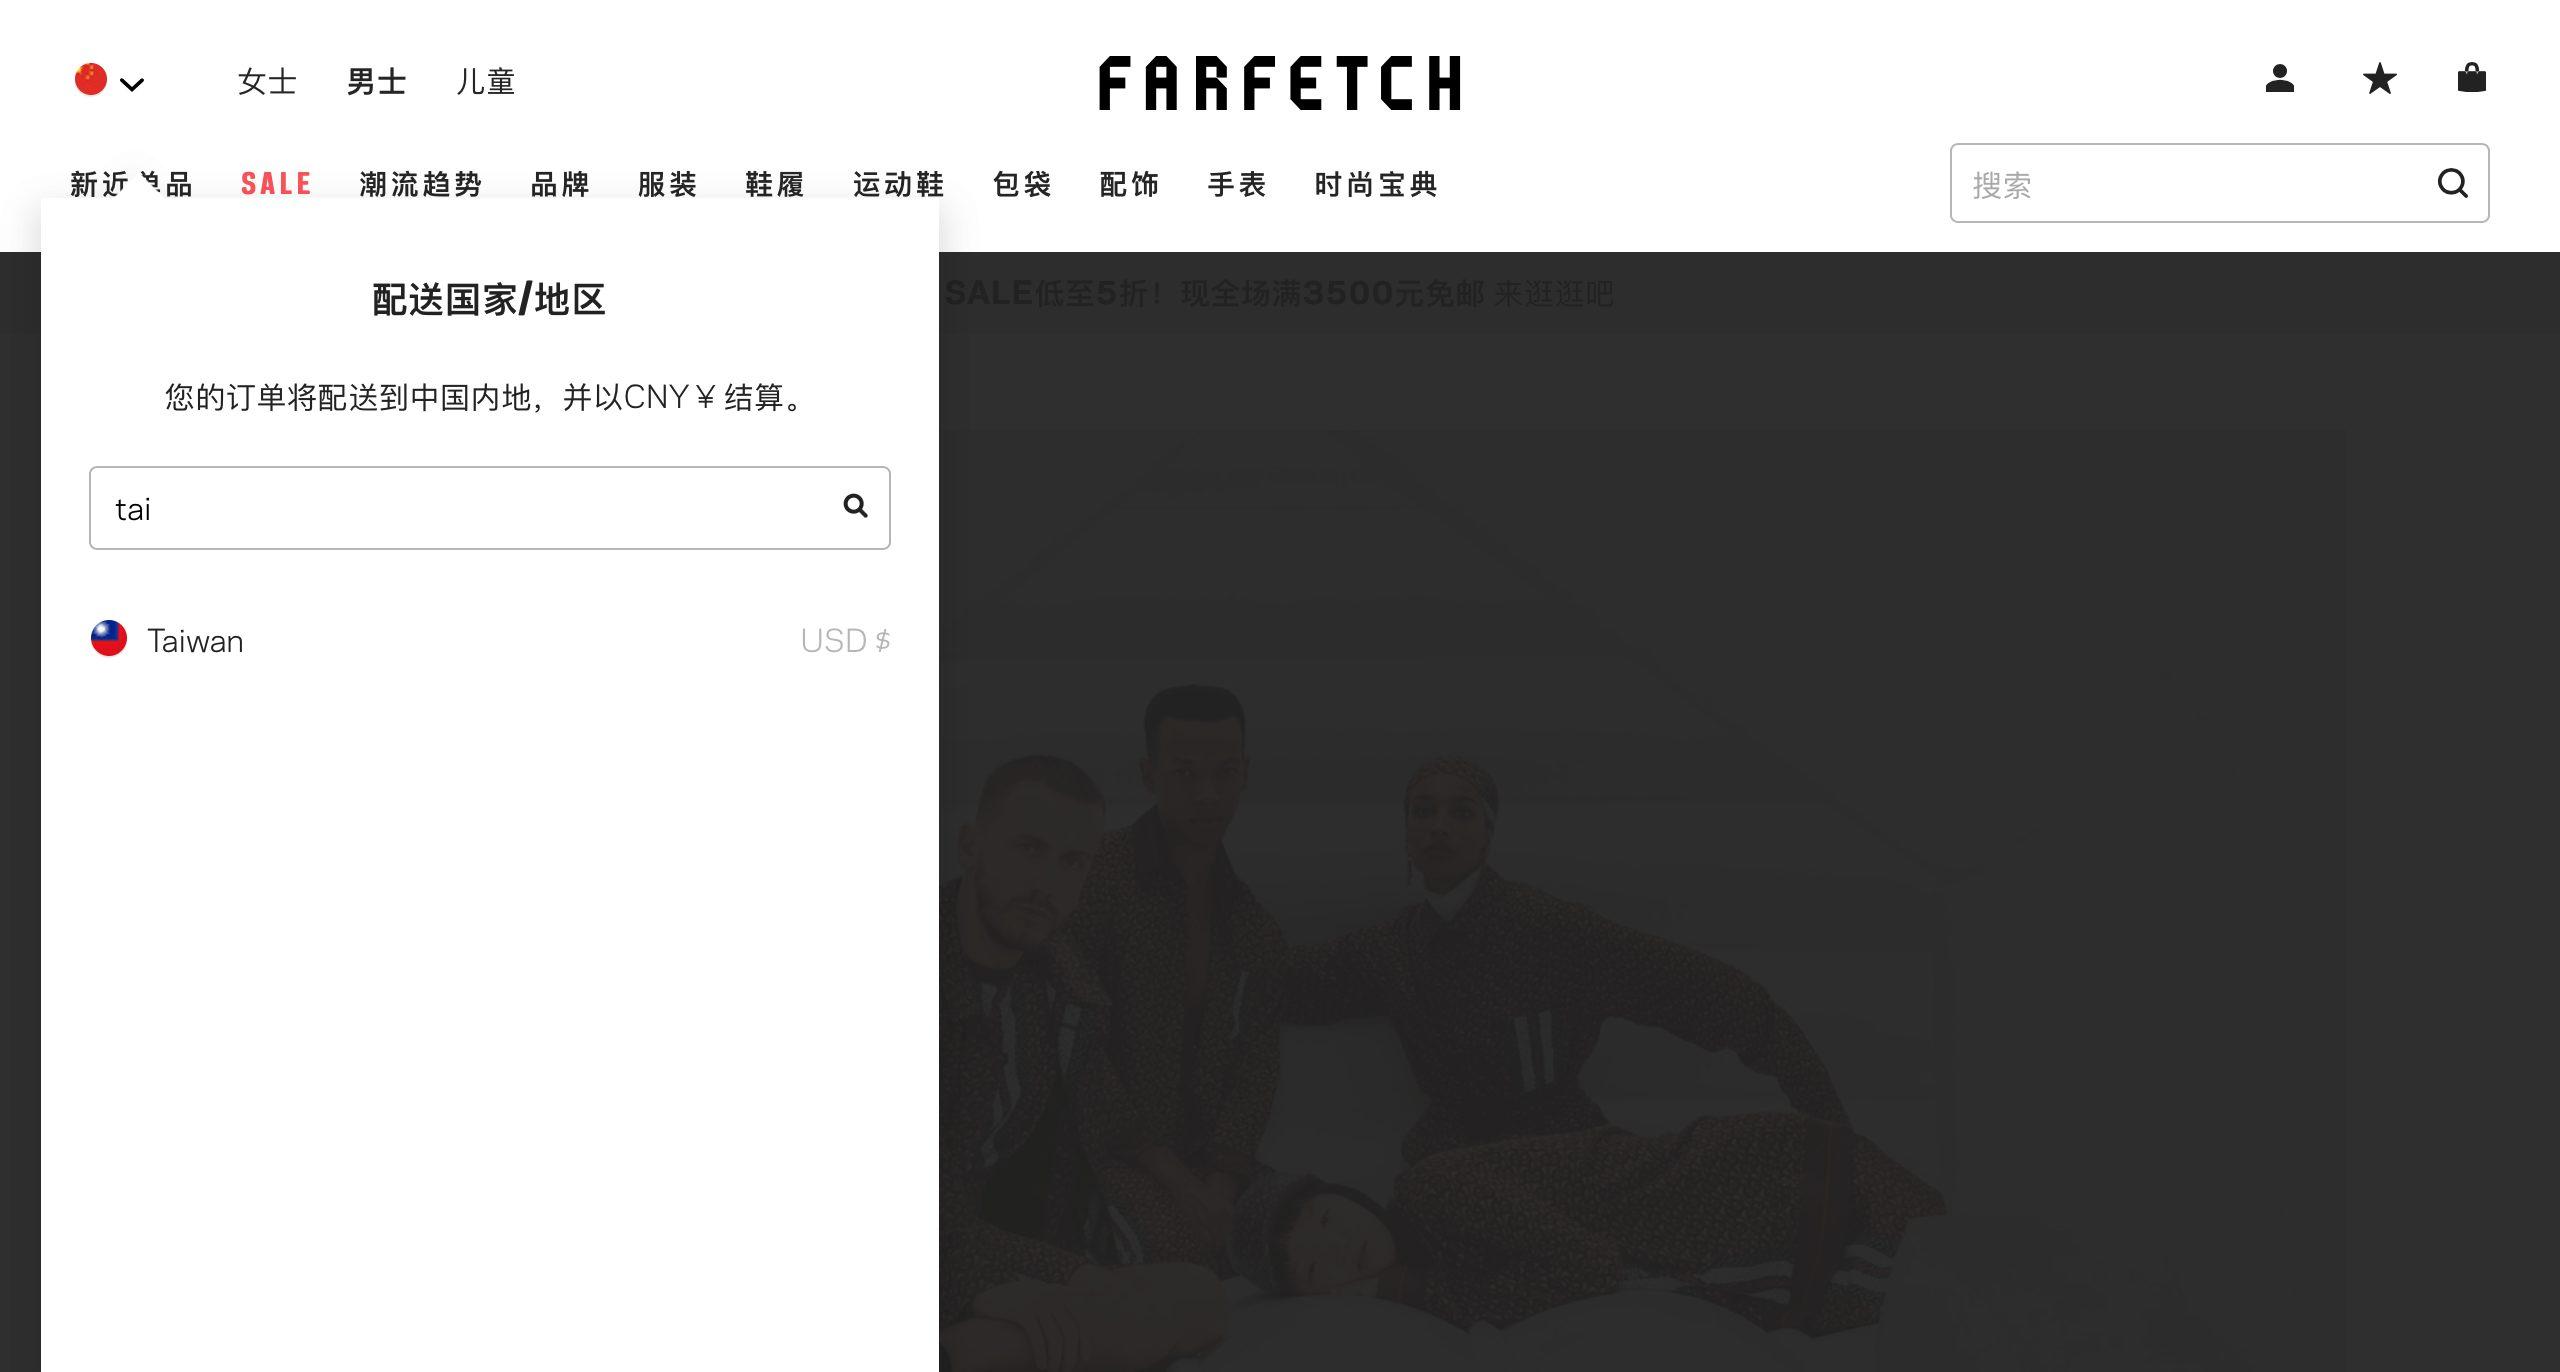 2019 farfetch 網購教學選擇地區